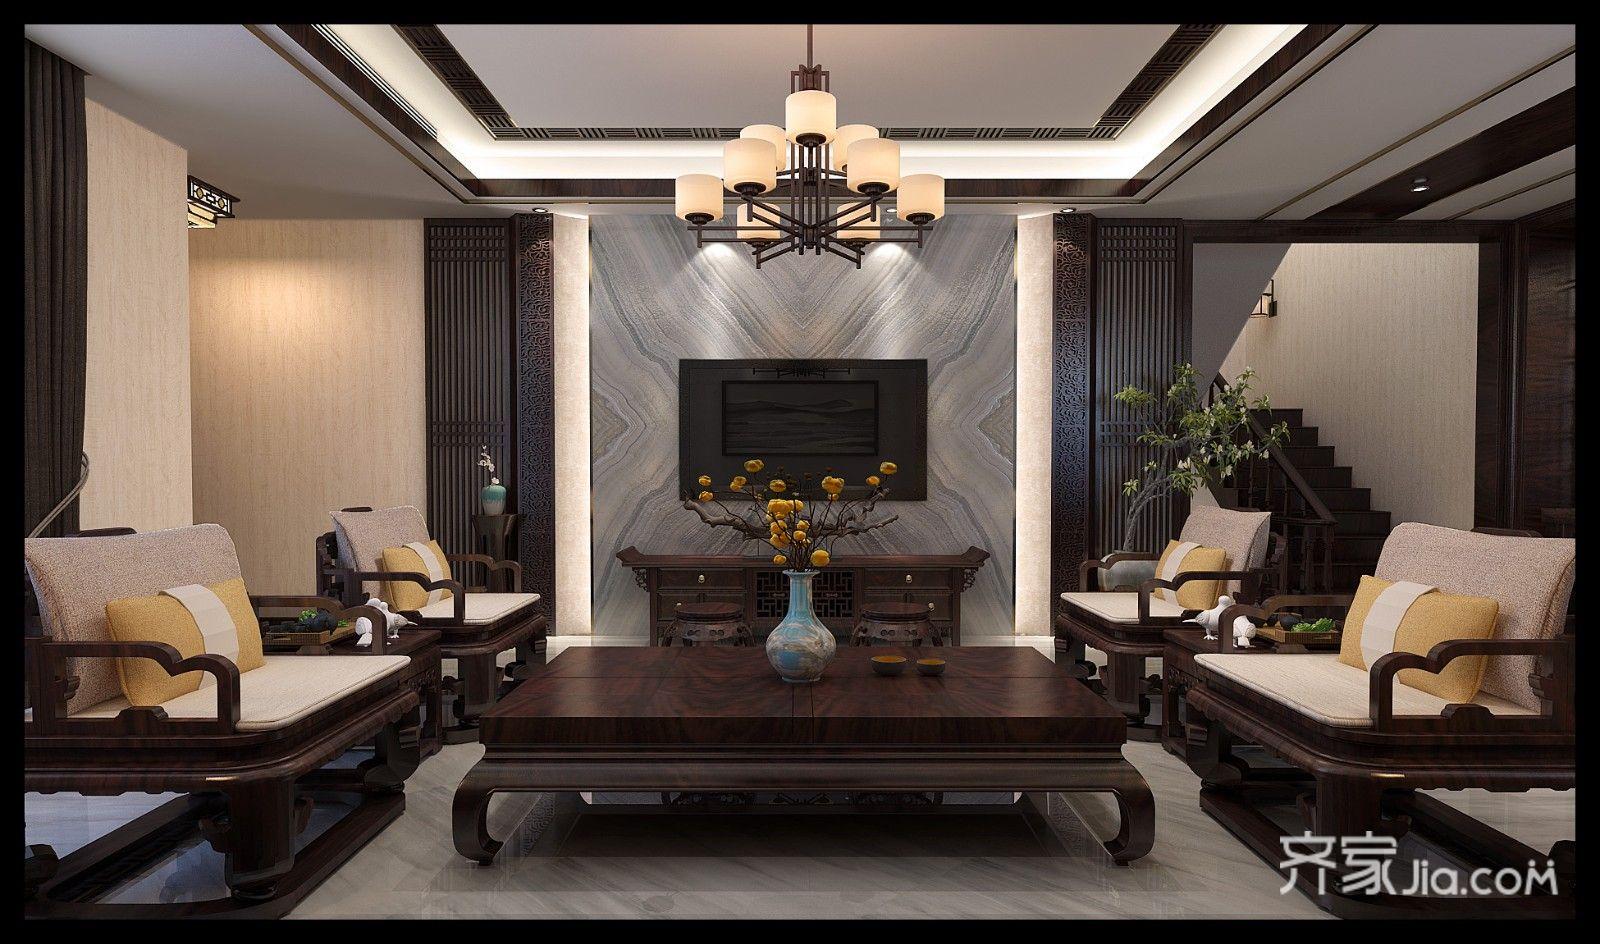 影视墙的设计,大理石搭配实木腾云花格,再一次把新中式表现的淋漓尽致